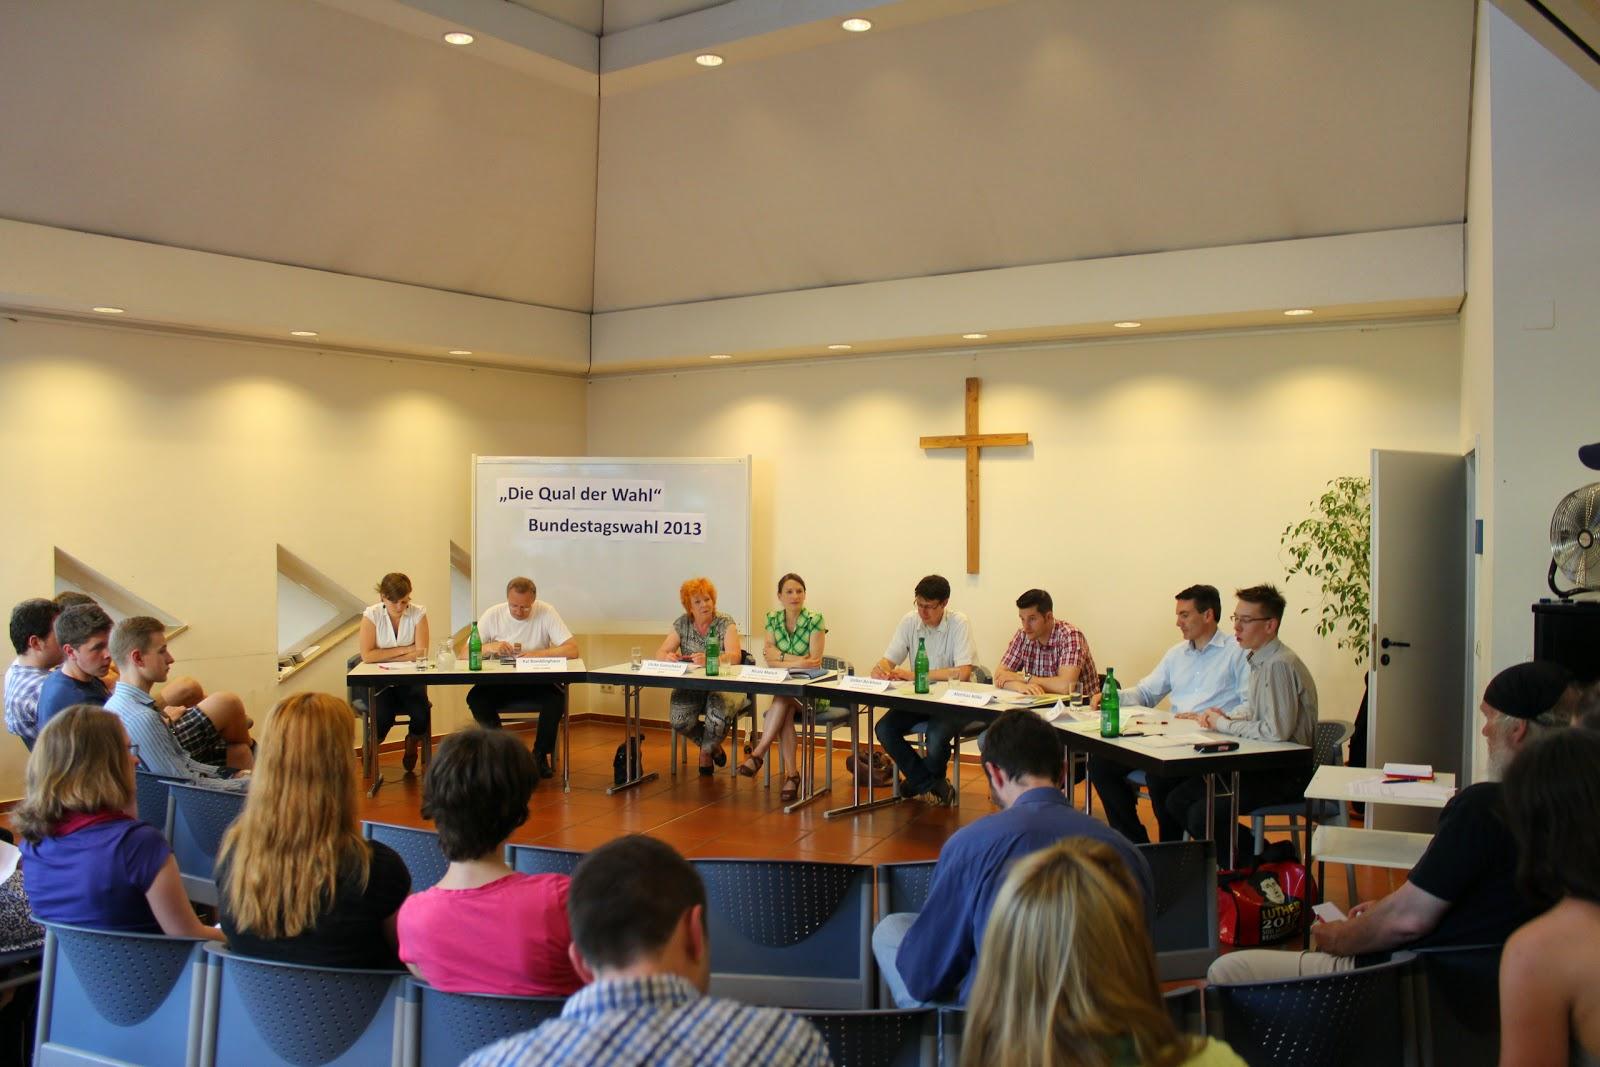 Die Qual der Wahl - Podiumsdiskussion zur Bundestagswahl 2013